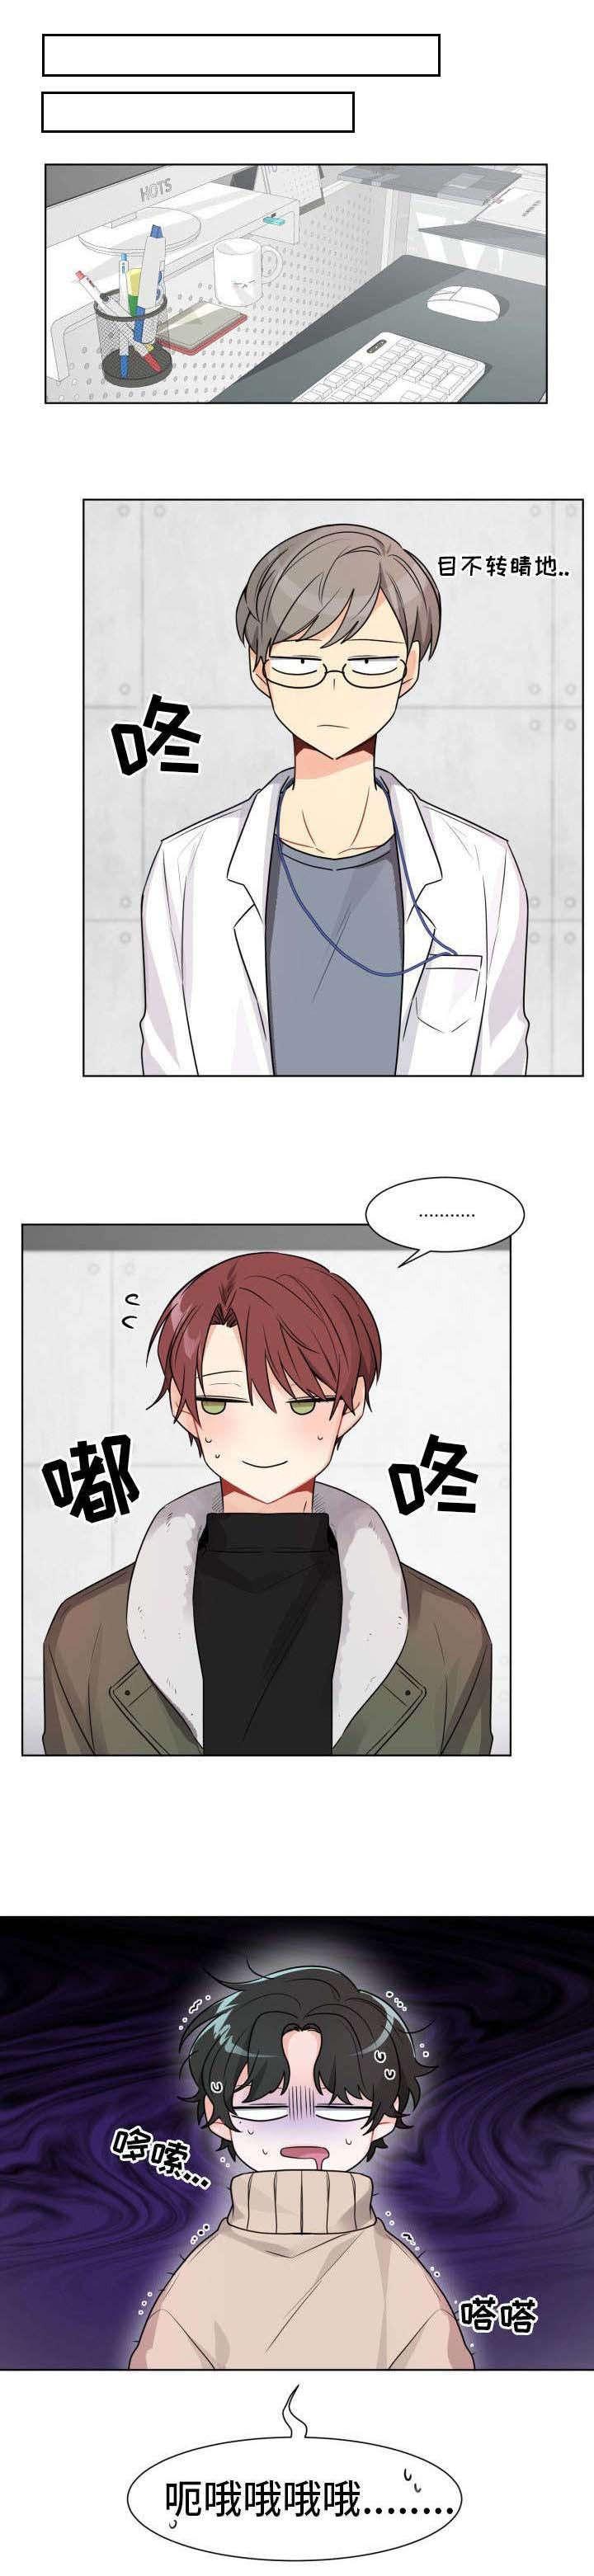 《与布鲁同居的日子》— 韩国漫画 — 全文在线阅读